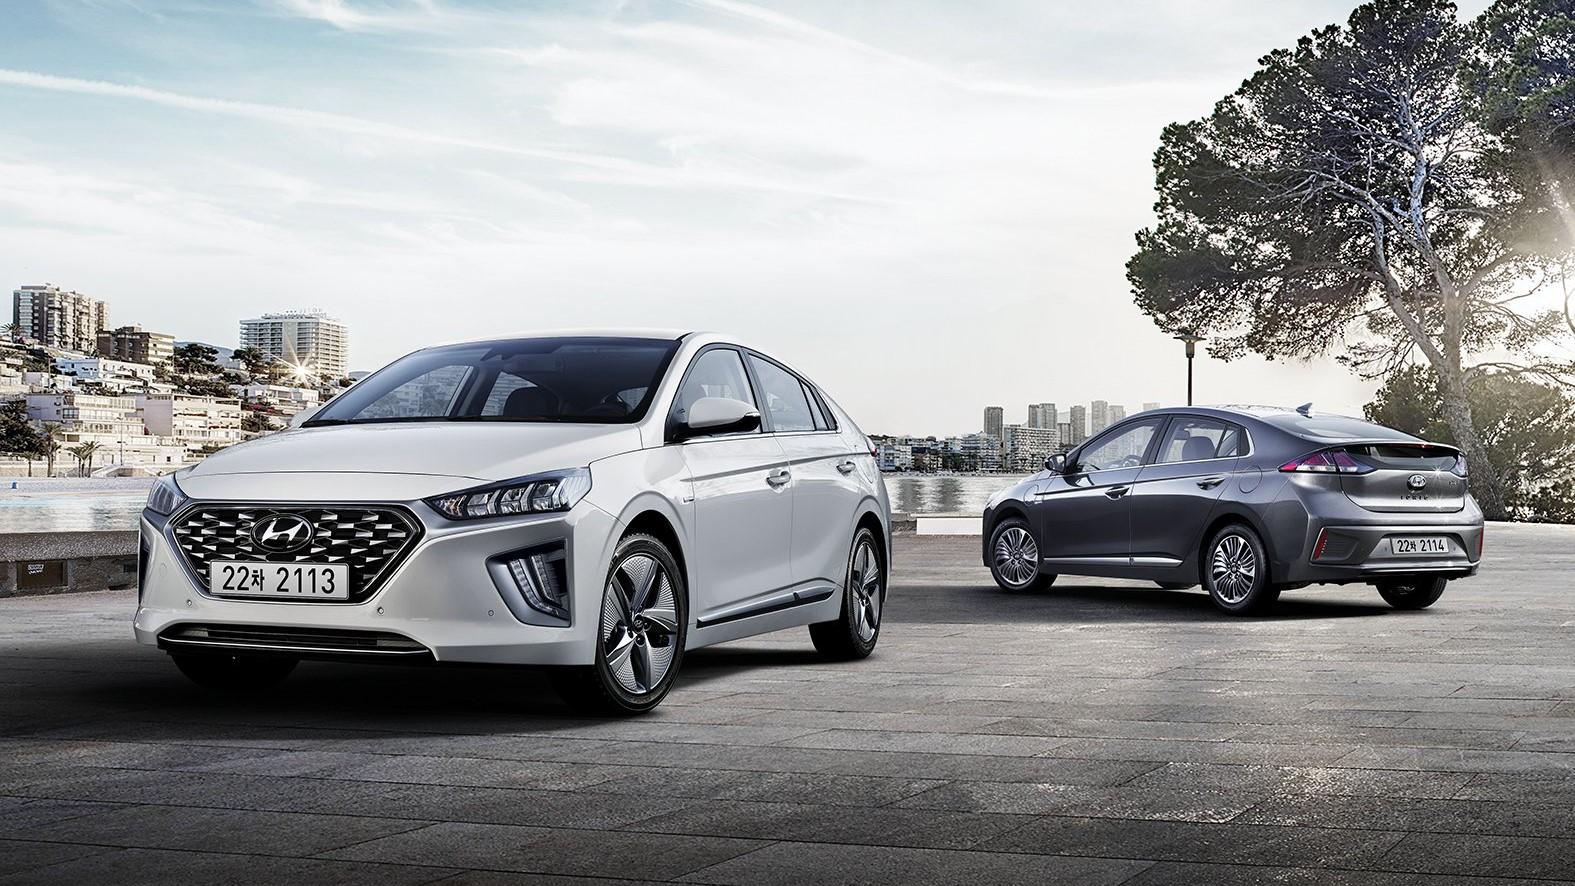 Frissítést kapott a Hyundai Ioniq